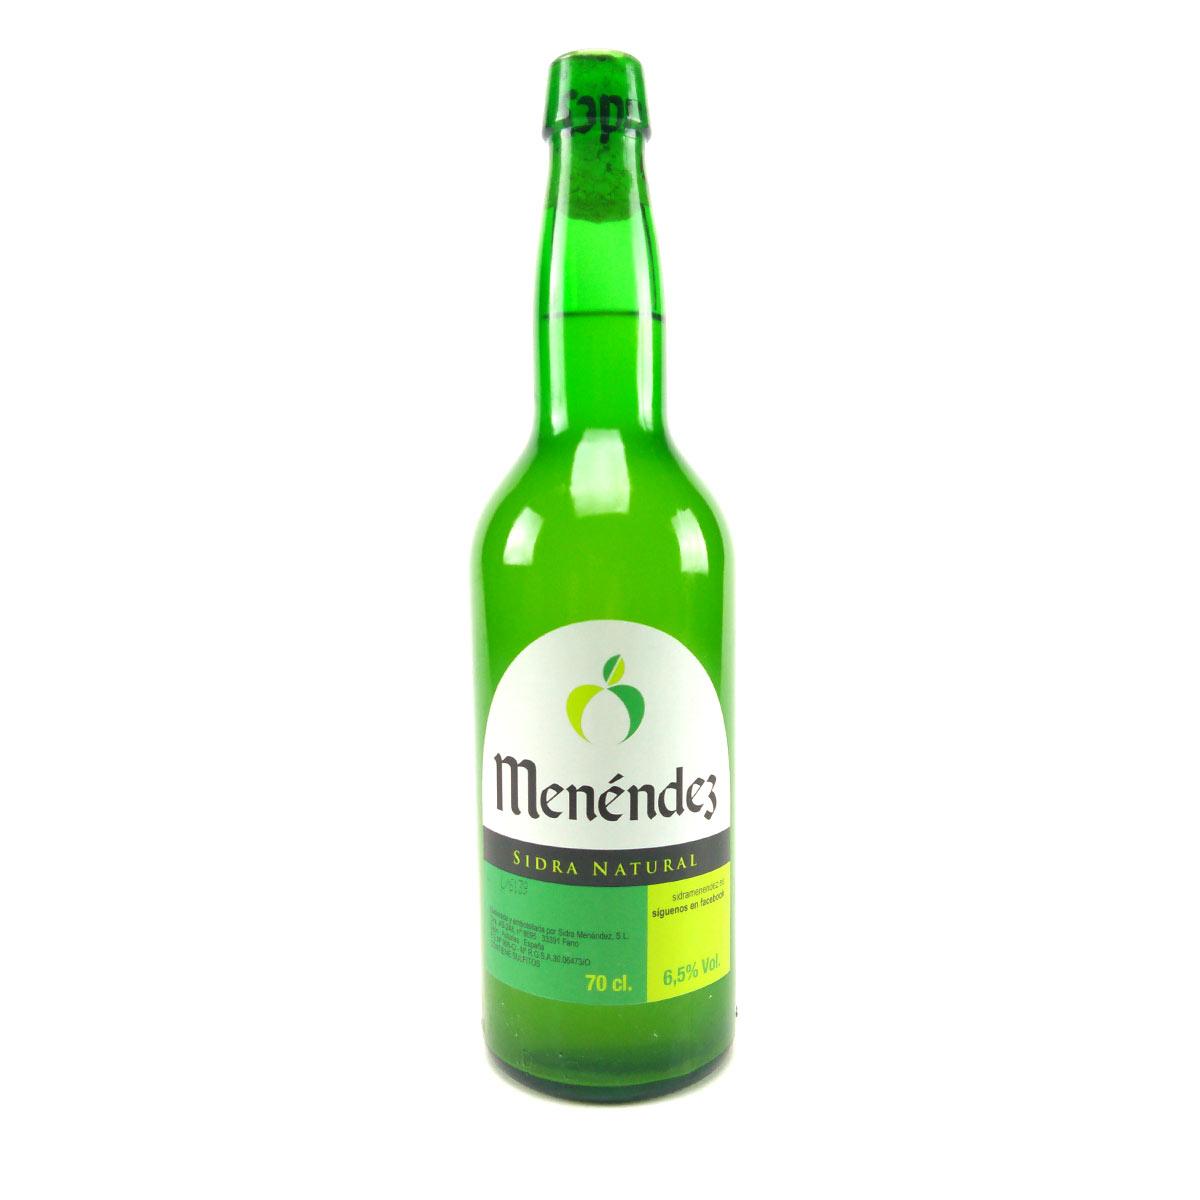 botella-de-sidra-menendez